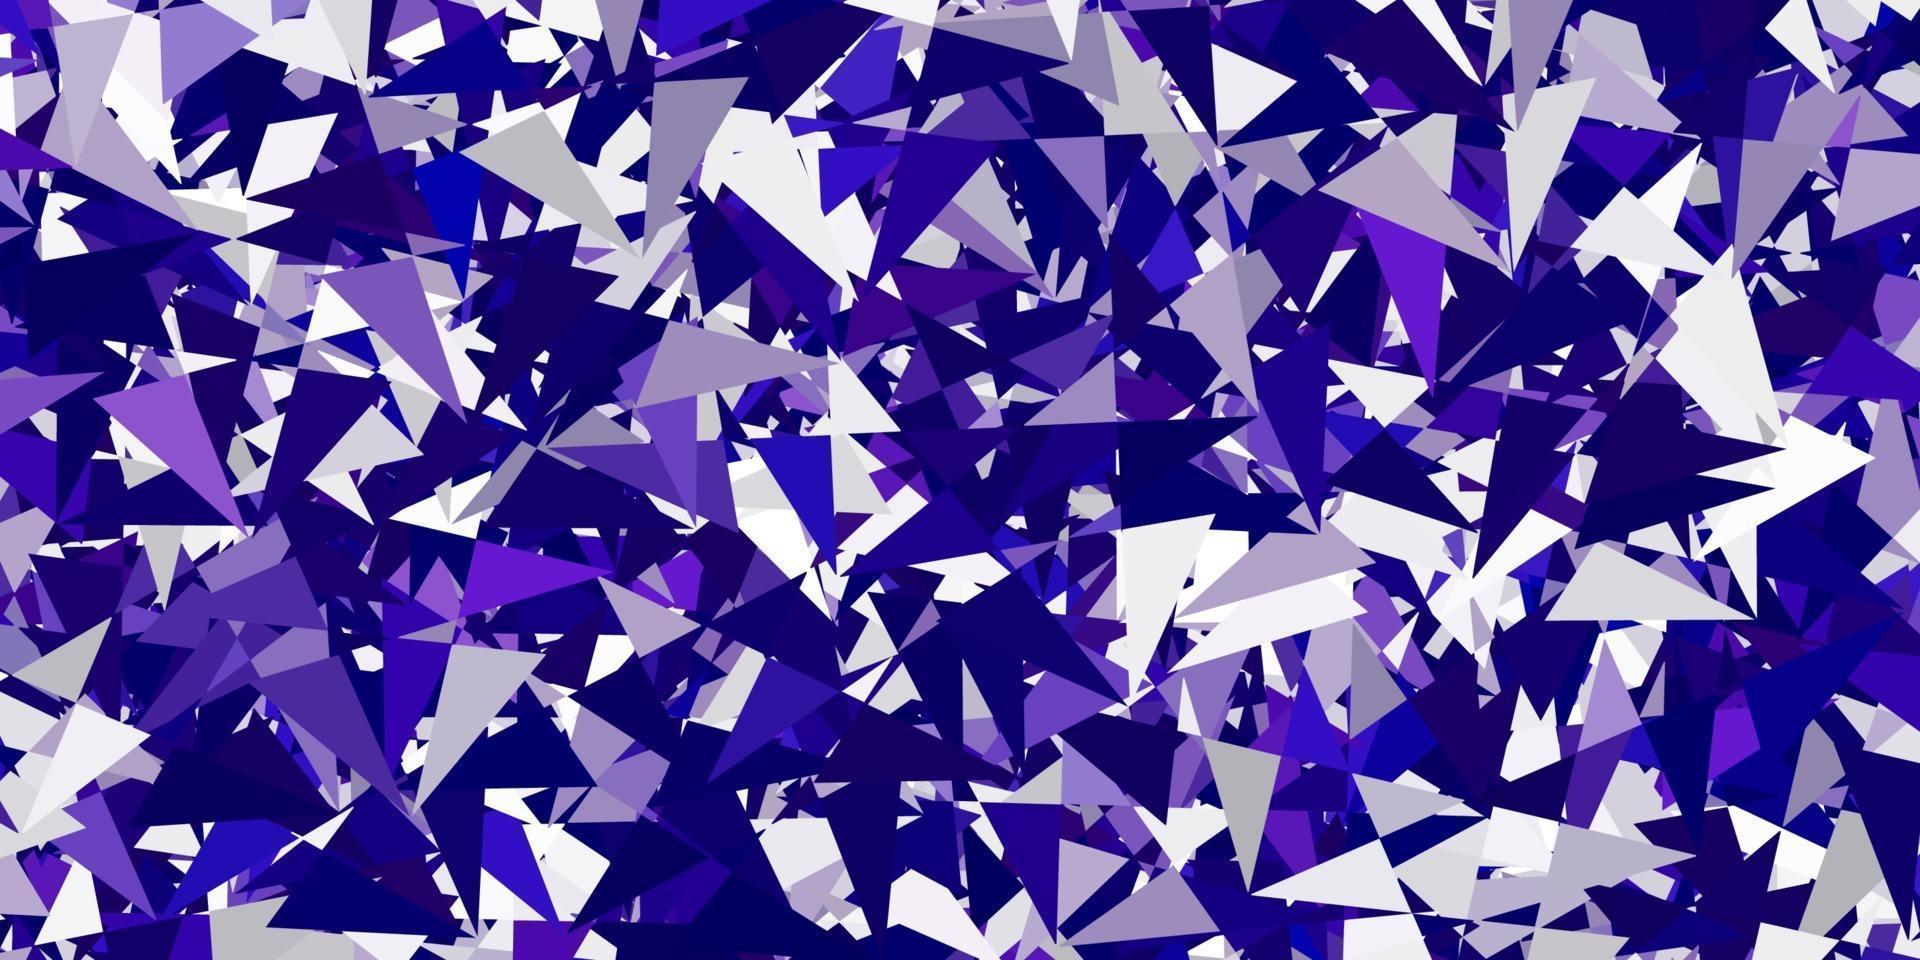 texture vettoriale viola chiaro con triangoli casuali.